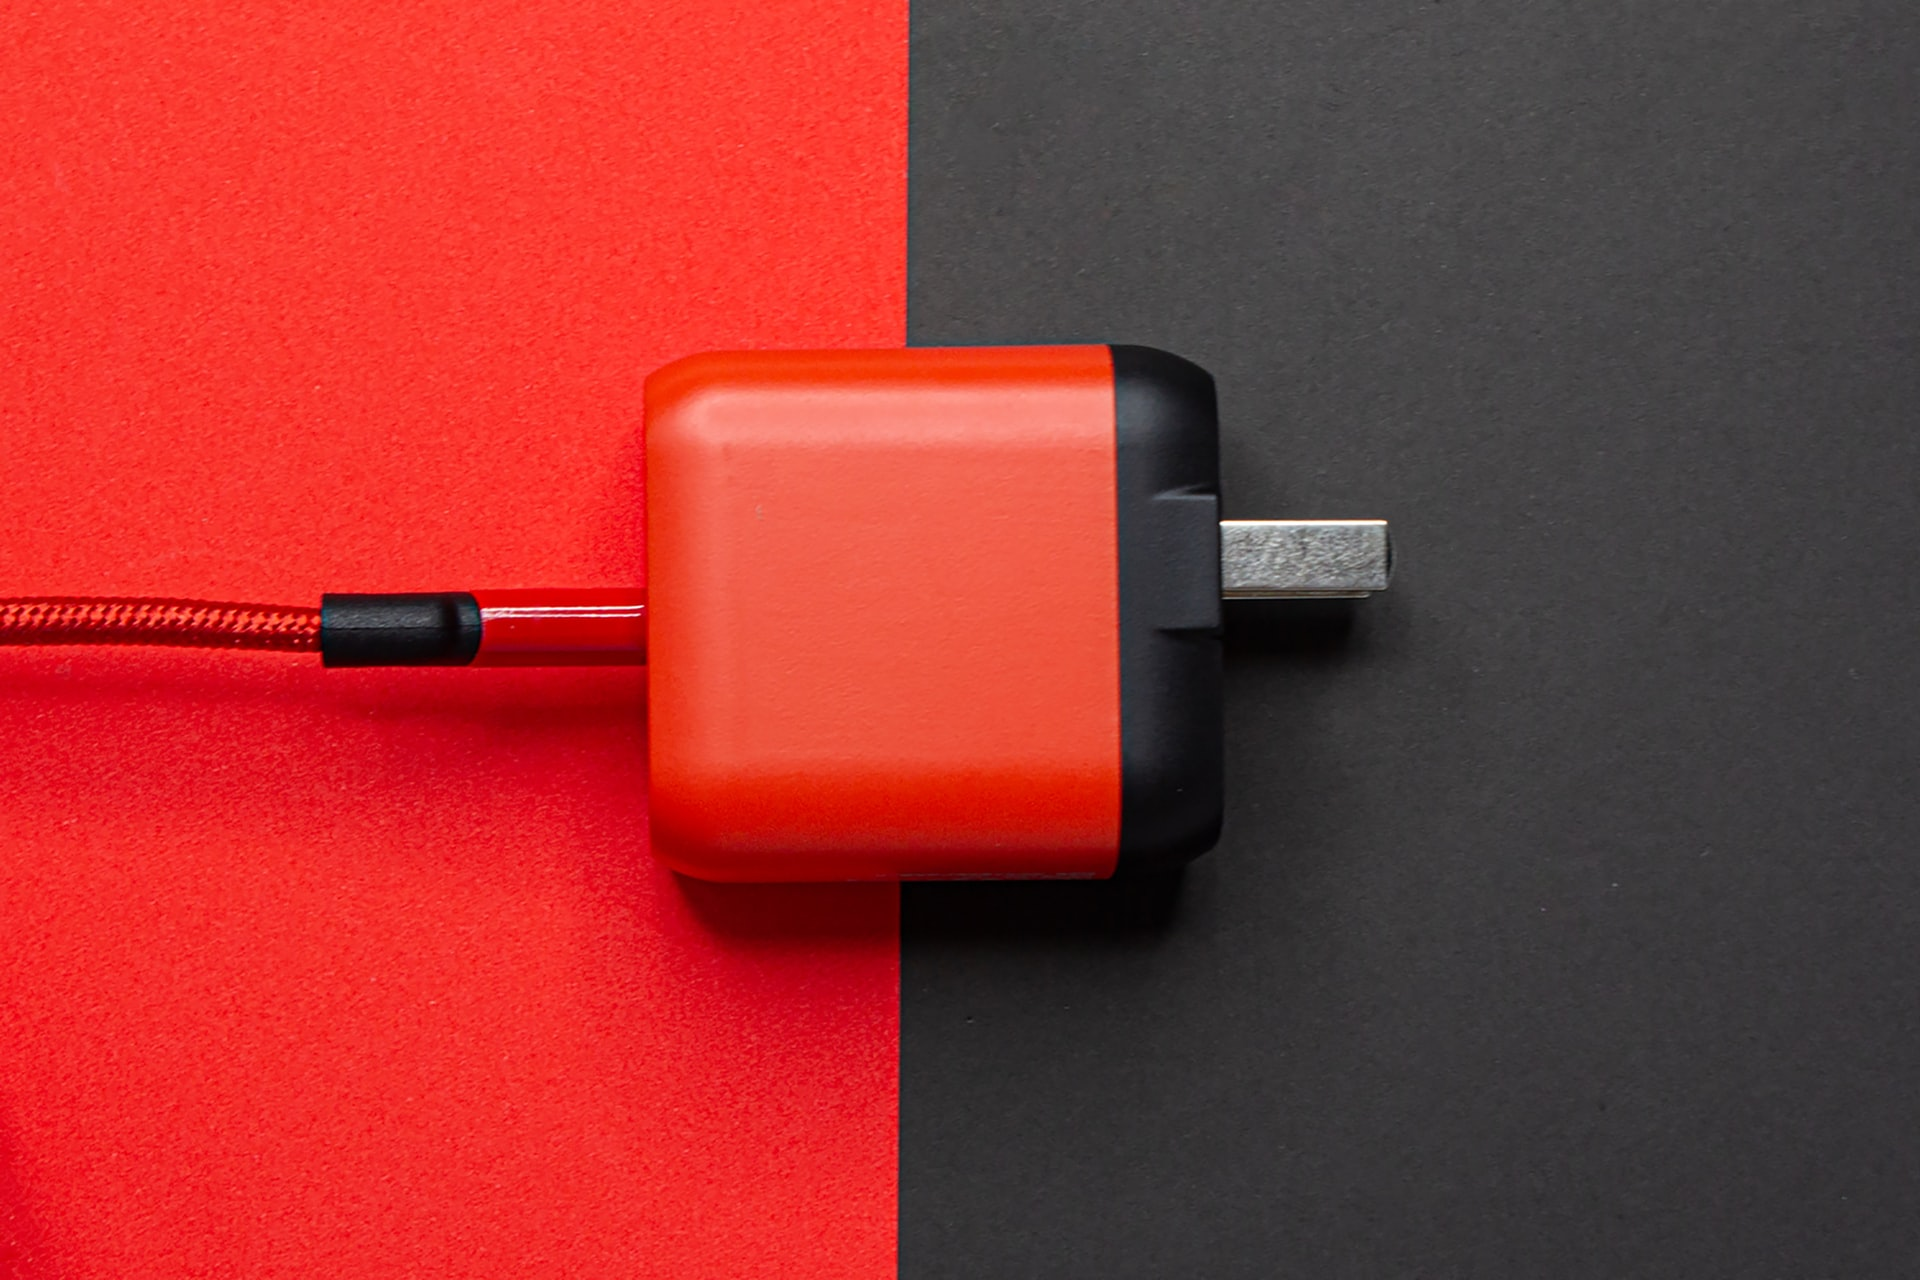 enchufe en rojo y negro